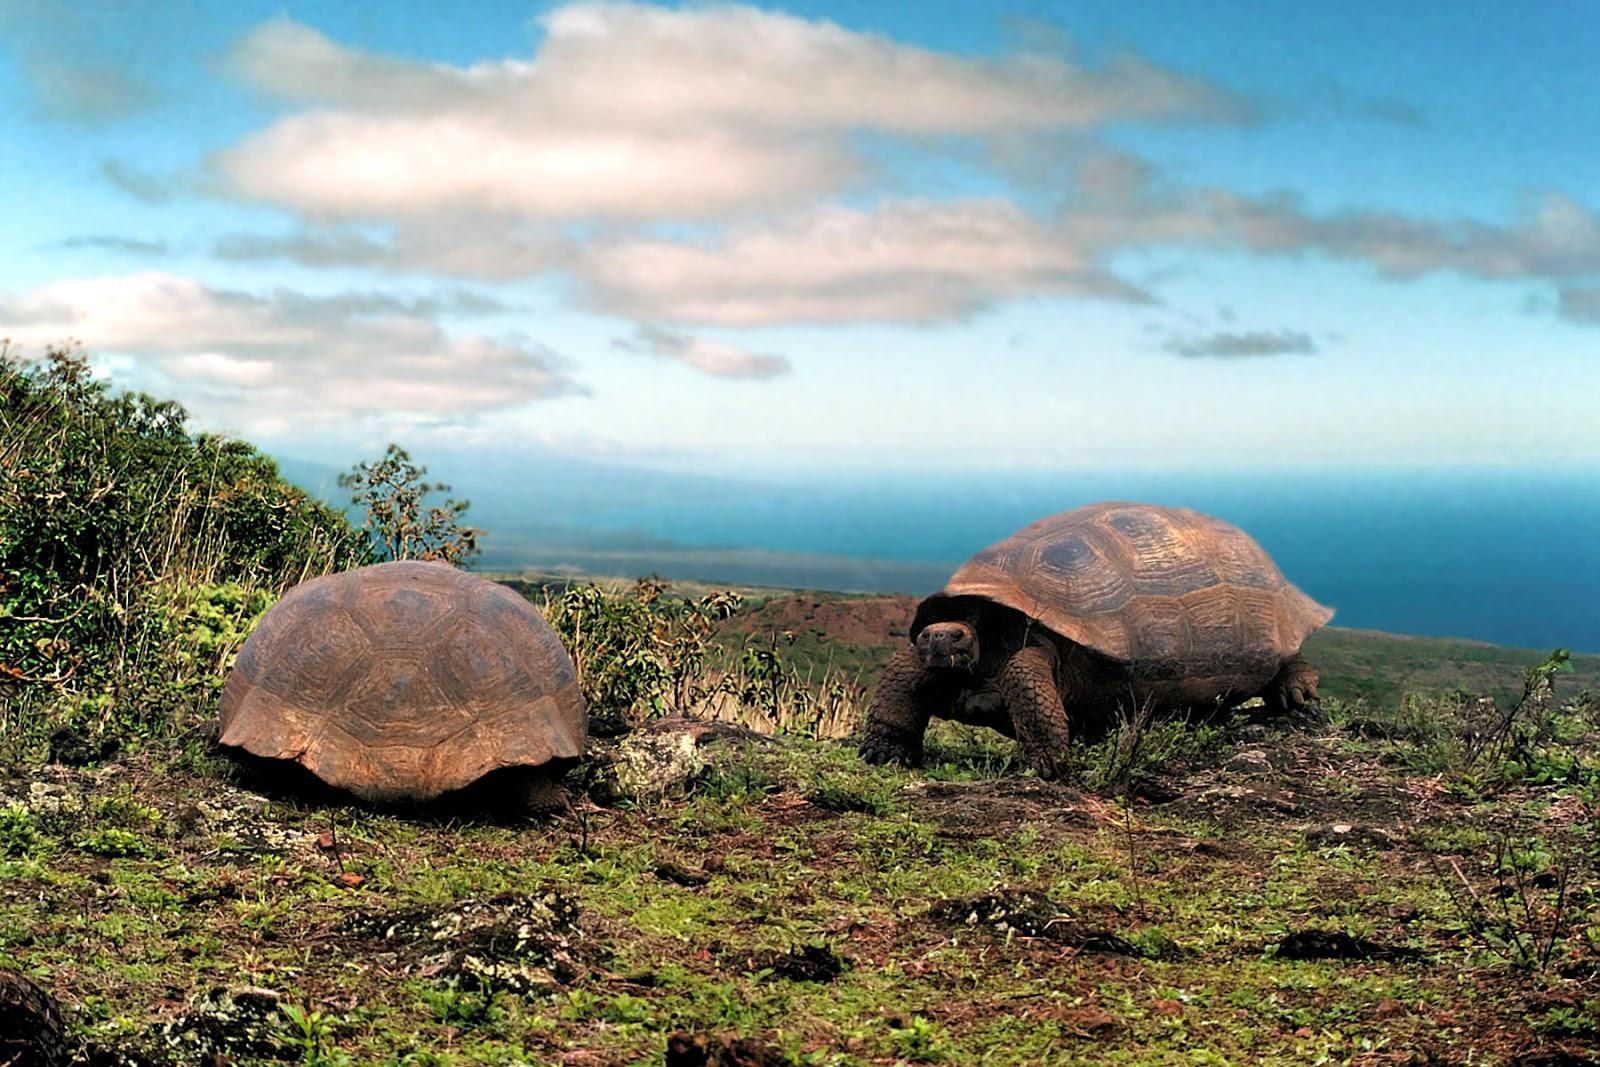 Tartaruga de Galapagos